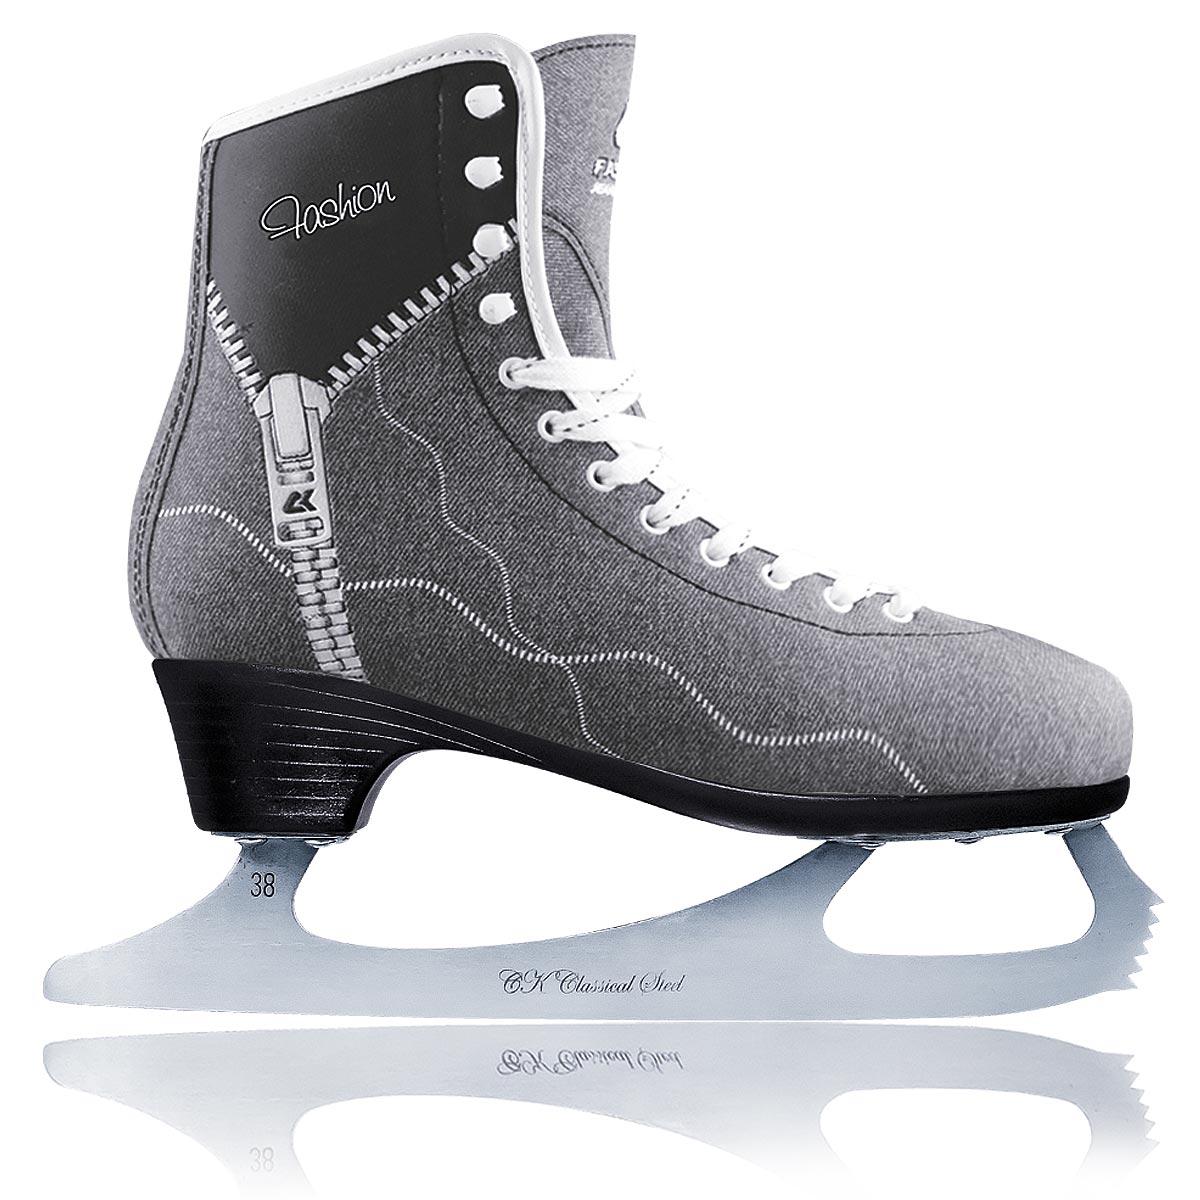 Коньки фигурные для девочки CK Fashion Lux Jeans, цвет: серый. Размер 35FASHION LUX jeans_серый_35Фигурные коньки от CK Fashion Lux Jeans идеально подойдут для любительского катания. Модель с высокой, плотной колодкой и усиленным задником, обеспечивающим боковую поддержку ноги, выполнена из синтетического материала на виниловой основе. Внутренняя поверхность отделана искусственным мехом. Анатомический язычок из войлока идеально облегает стопу и повышает комфорт. Стелька из упругого пенного полимерного материала EVA предназначена для быстрой адаптации ботинка к индивидуальным формам ноги и ее комфортного положения. Ботинок обеспечивает комфорт и устойчивость ноги, правильное распределение нагрузки, сильно снижает травмоопасность. Ботинок полностью обволакивает ногу, обеспечивает прочную и удобную фиксацию ноги, а также повышенную защиту от ударов. Модель фиксируется на ноге классической шнуровкой. Лезвие выполнено из нержавеющей стали, оно обладает высокой твердостью и долго держит заточку. Подошва Graceful обладает элегантным дизайном, повышенной твердостью и пониженным весом. Более высокий каблук делает ногу более изящной и стройной, а также повышает управляемость и маневренность конька.